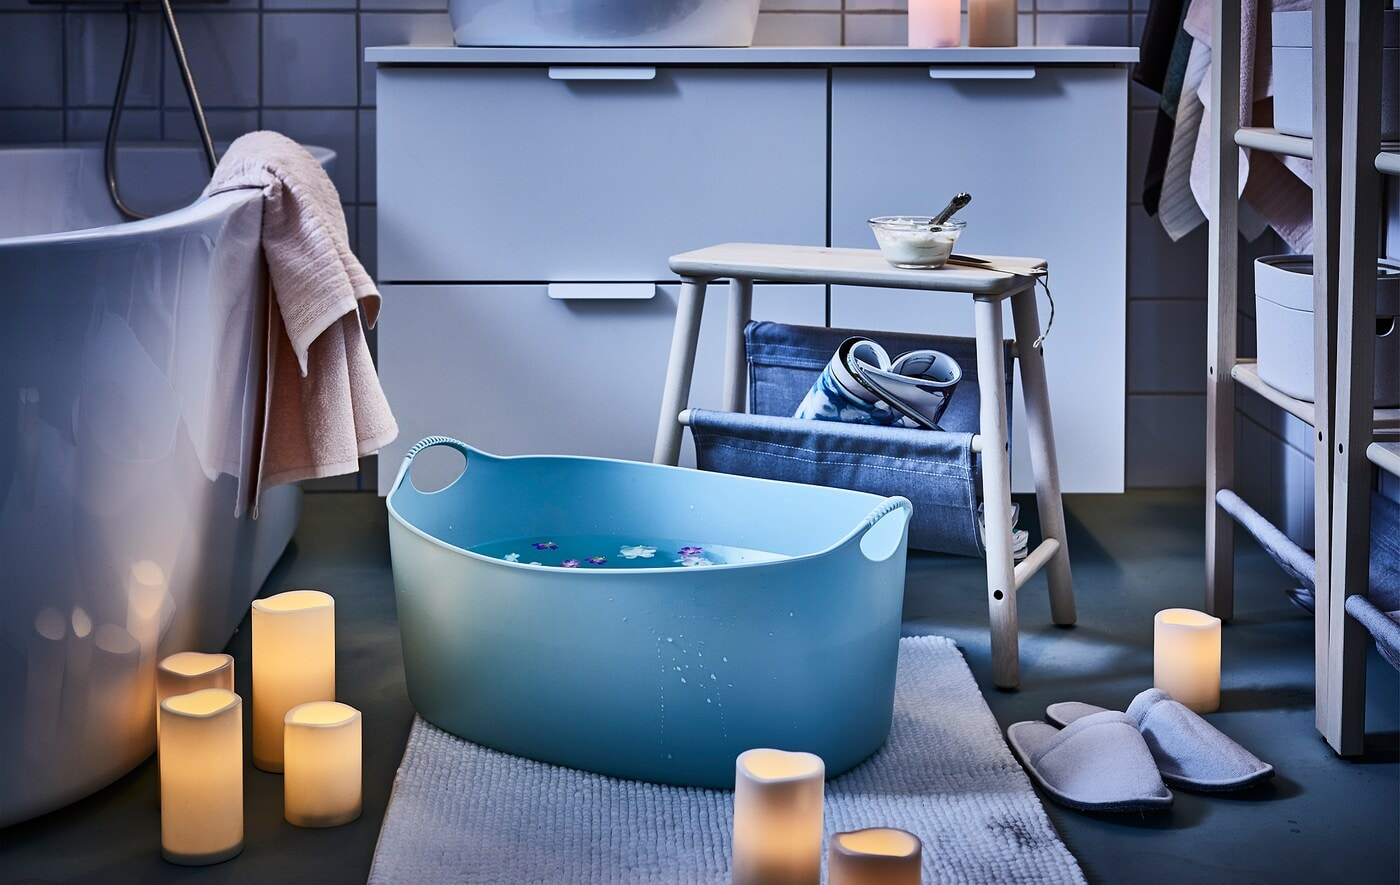 Une salle de bain à éclairage d'ambiance obtenu au moyen de bougies-blocs DEL; un escabeau placé à côté d'un grand bain de pieds à fleurs flottantes.